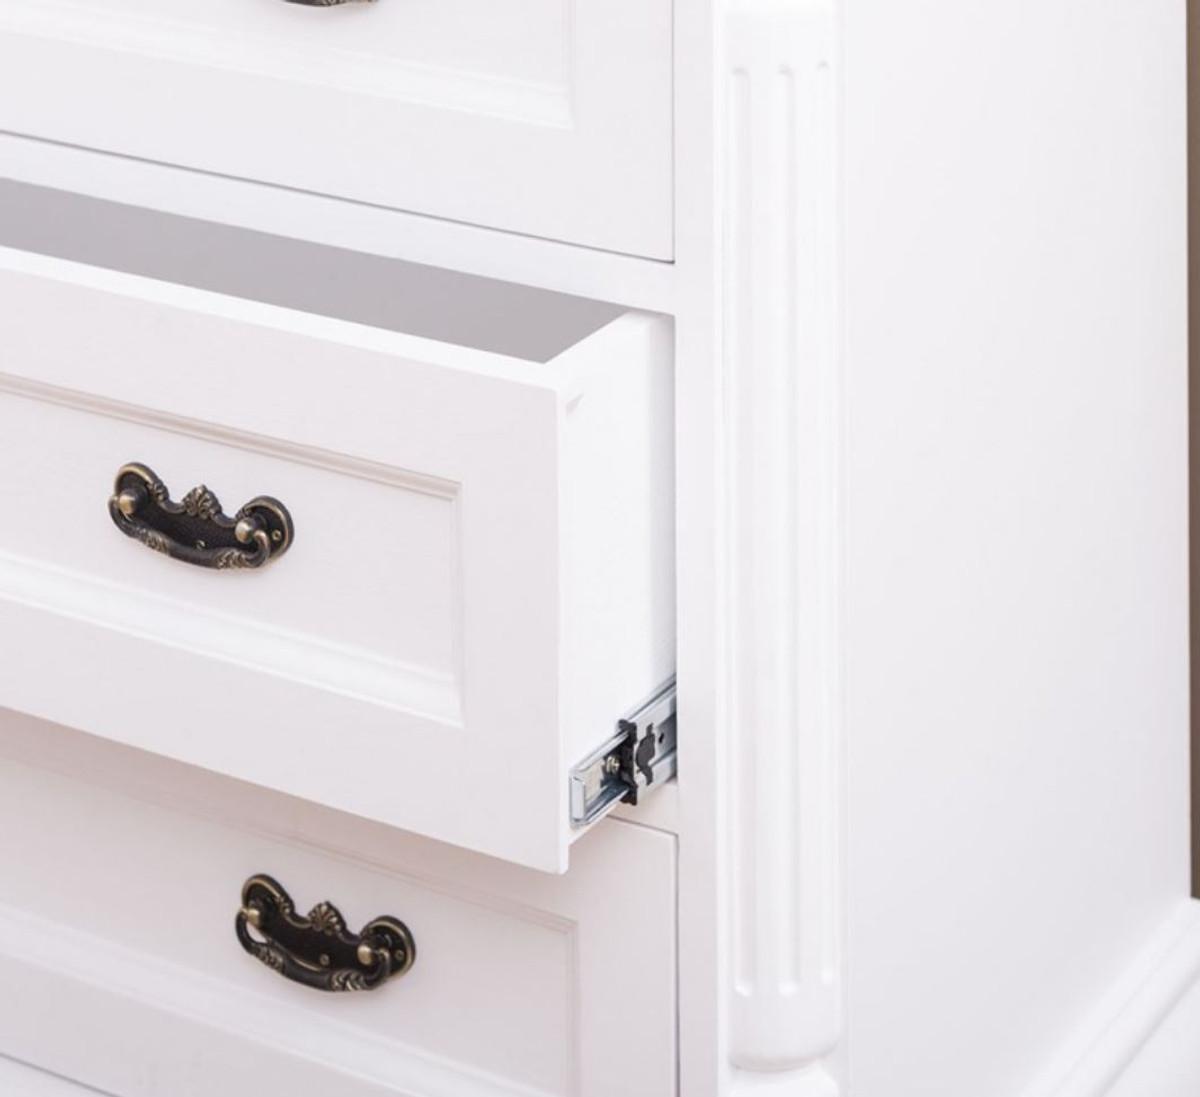 Casa Padrino Landhausstil Massivholz Kommode mit 3 Schubladen Weiß 110 x 48 x H. 89 cm - Landhausstil Möbel 4